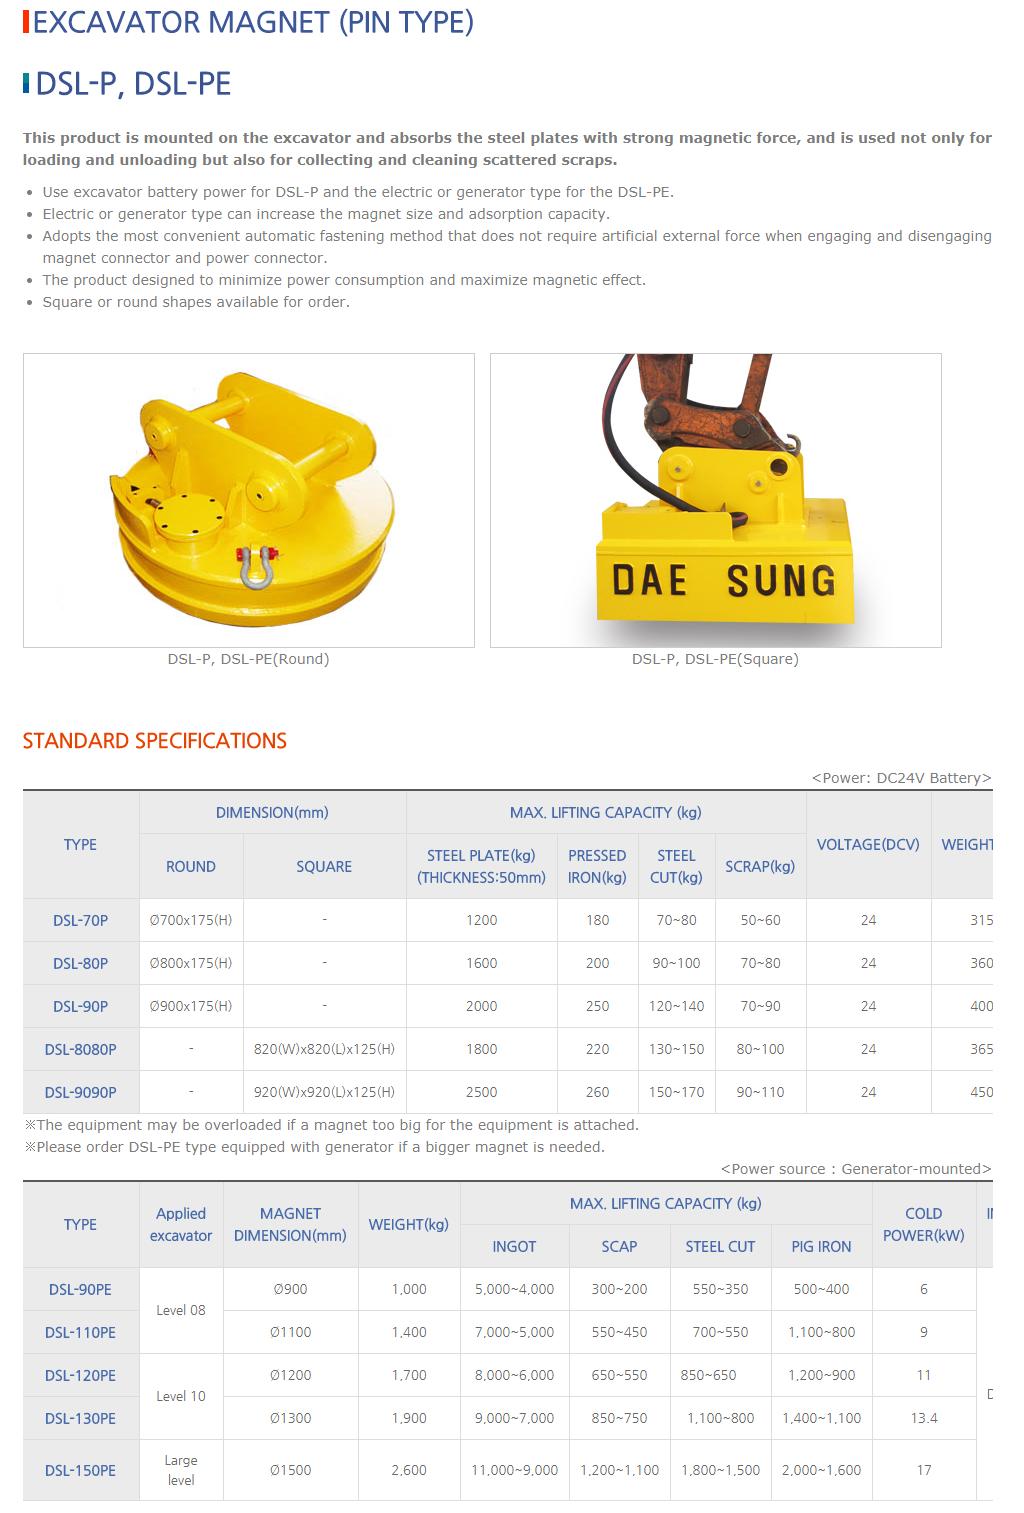 DAESUNG MARGNET Excavator Magnet (Pin Type) DSL-P/DSL-PE Type